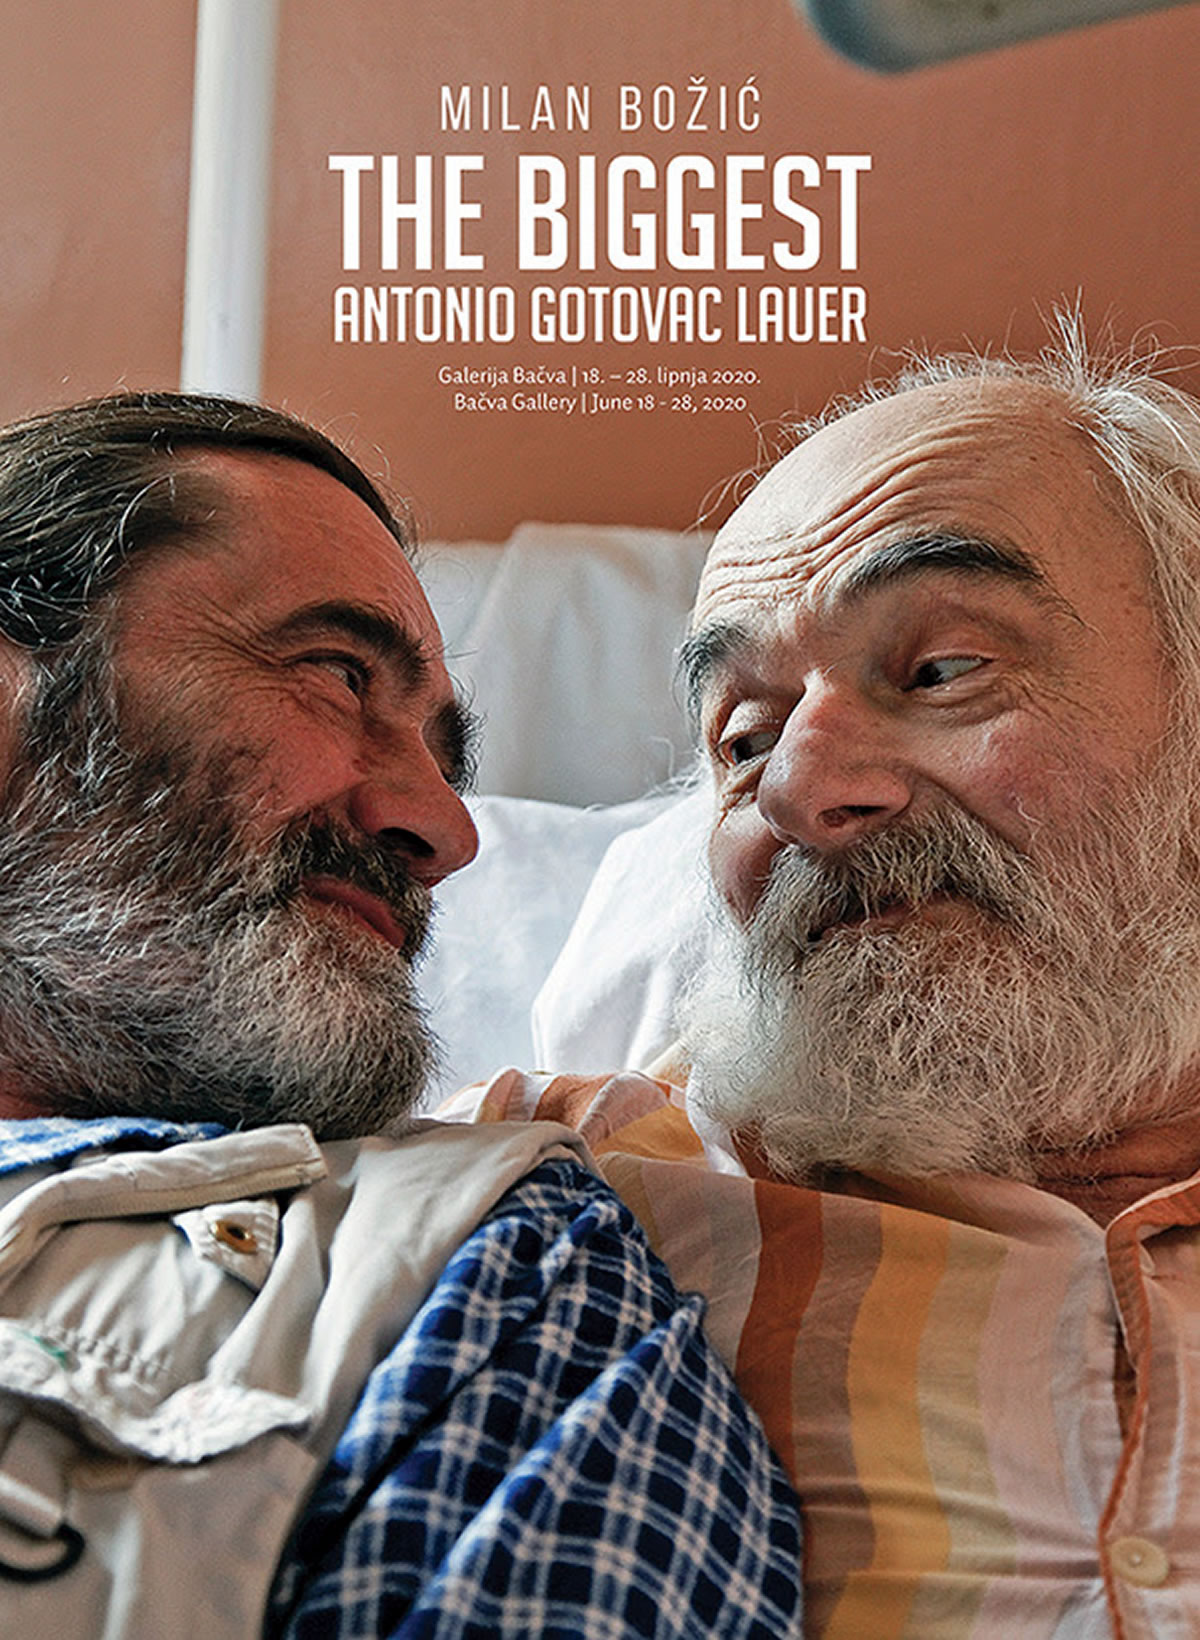 the biggest: antonio gotovac lauer - milan božić - plakat izložbe - 2020